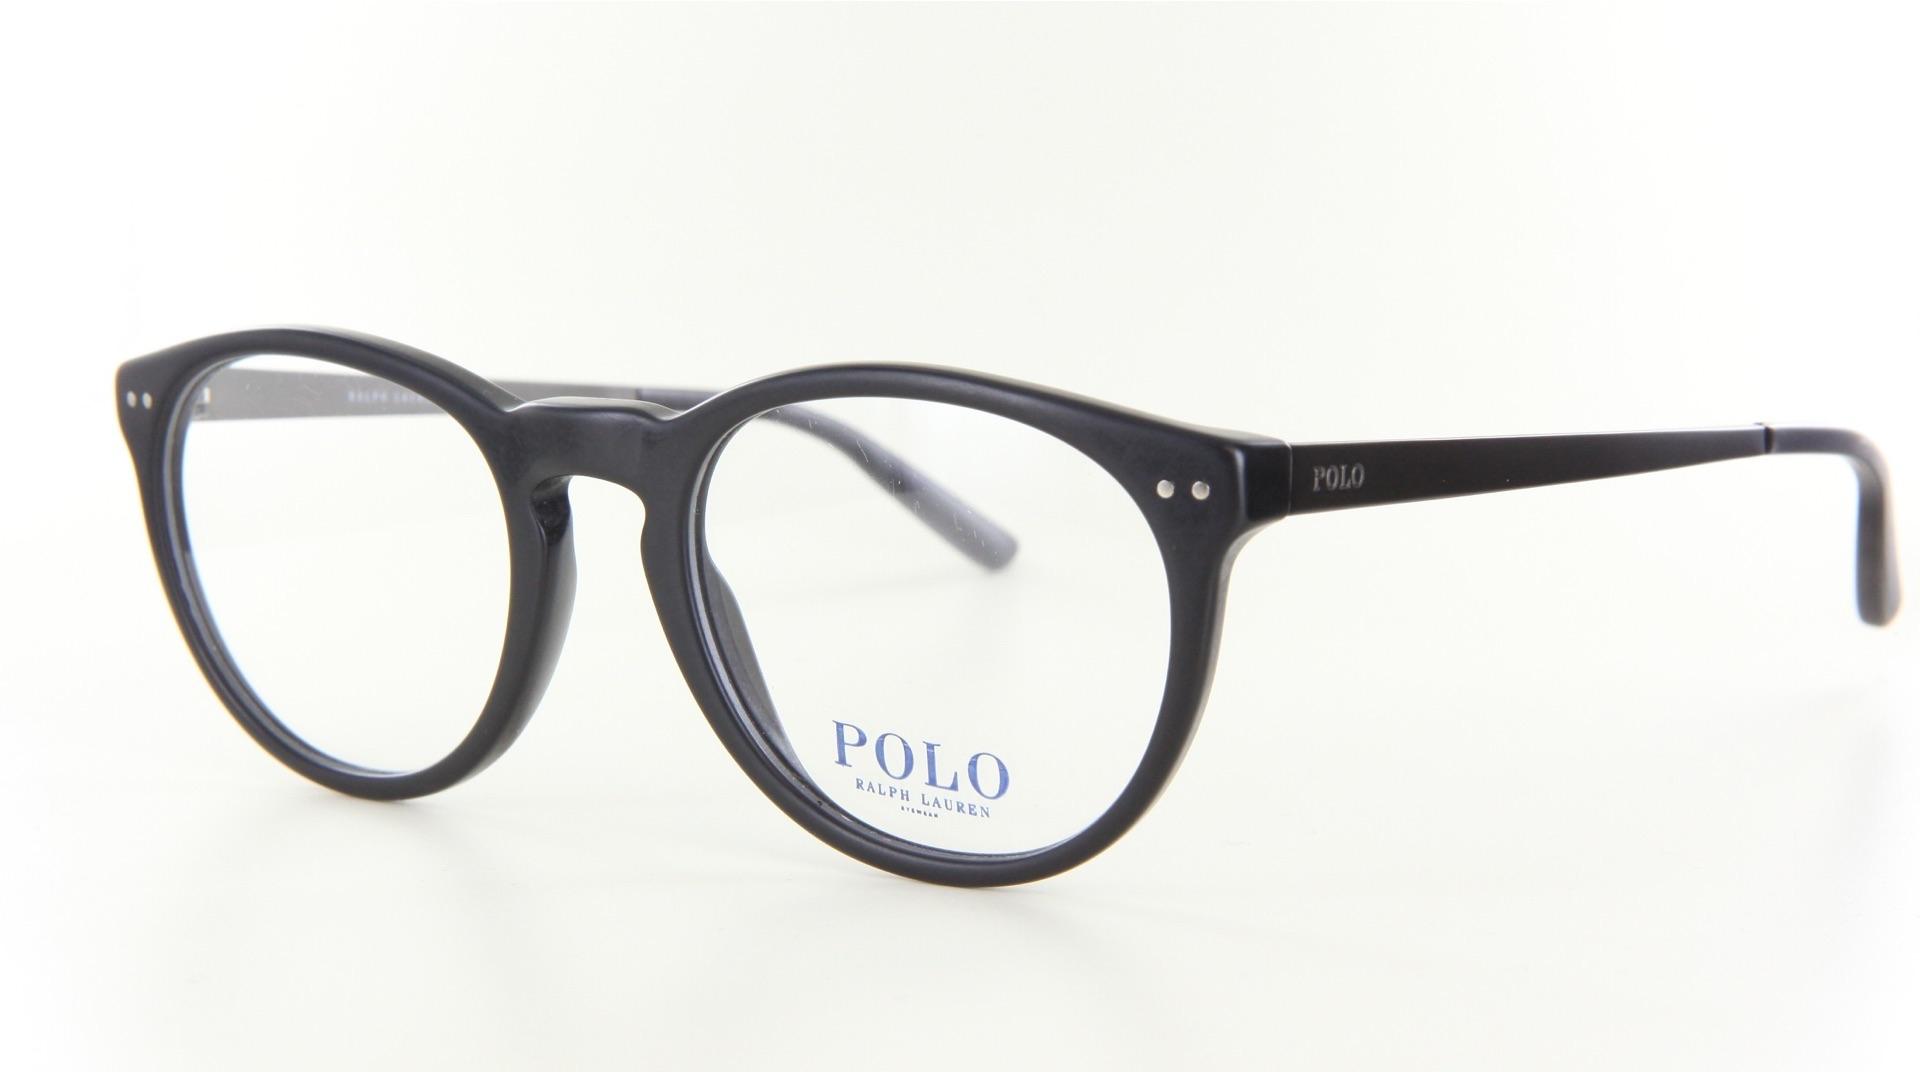 Polo Ralph Lauren - ref: 76349